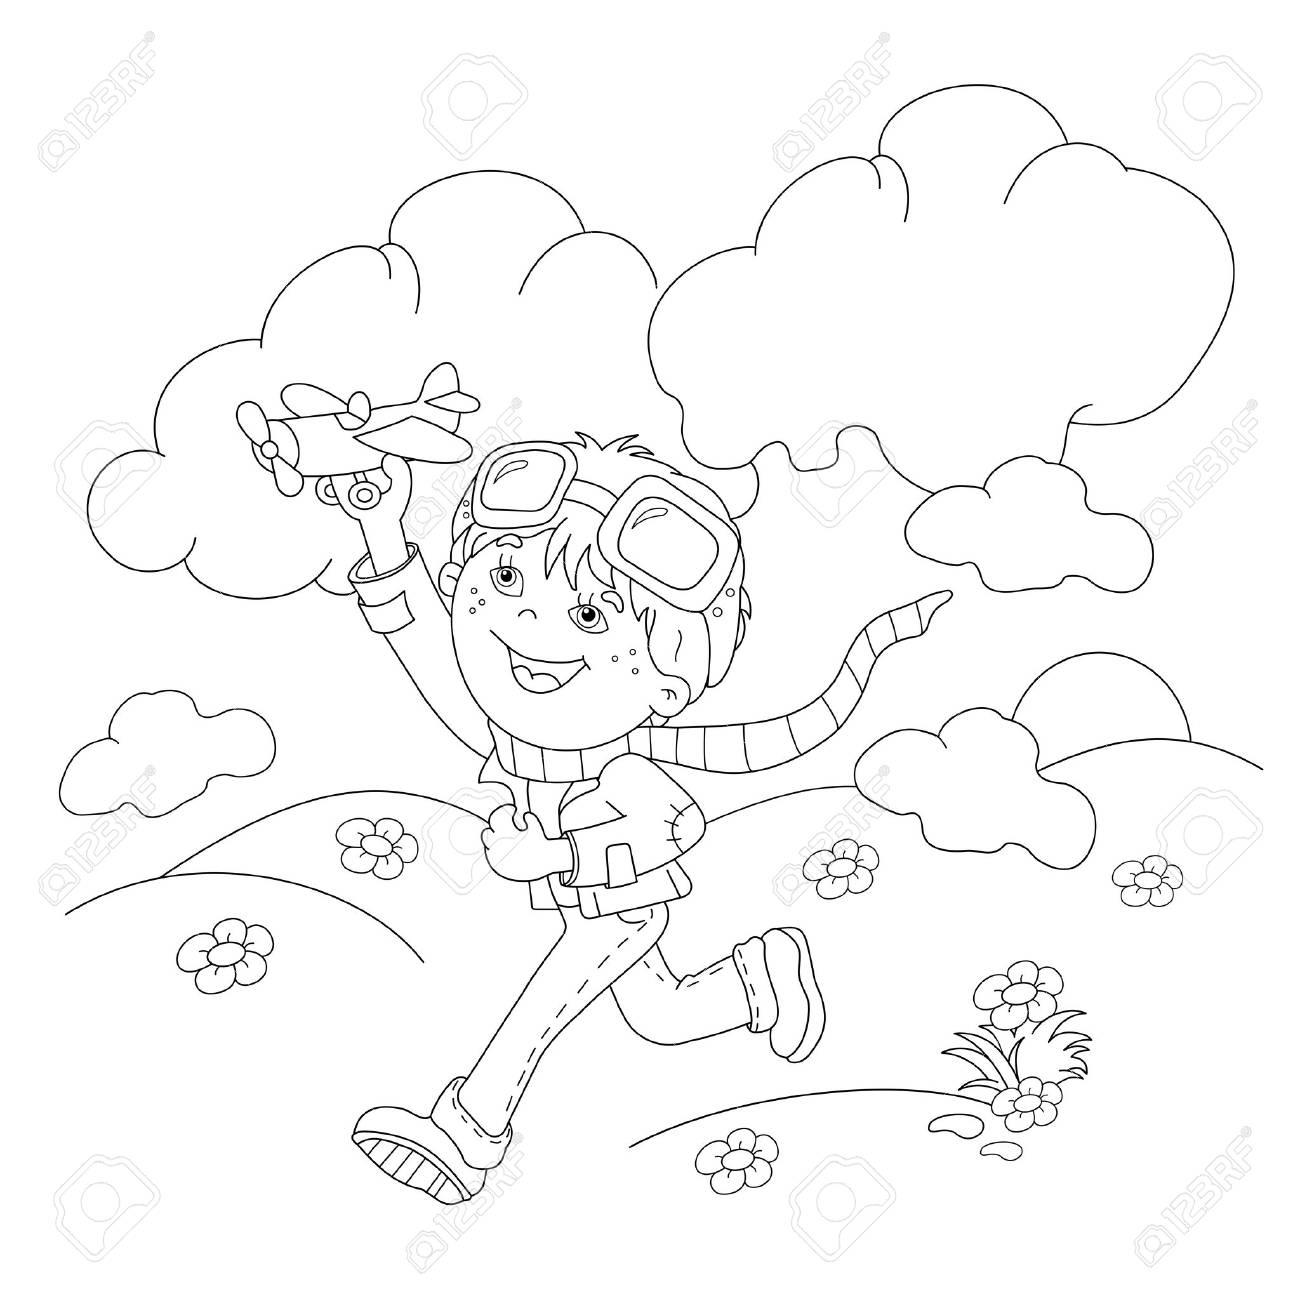 ぬりえページ概要の漫画の男の子おもちゃの飛行機子供のための塗り絵の